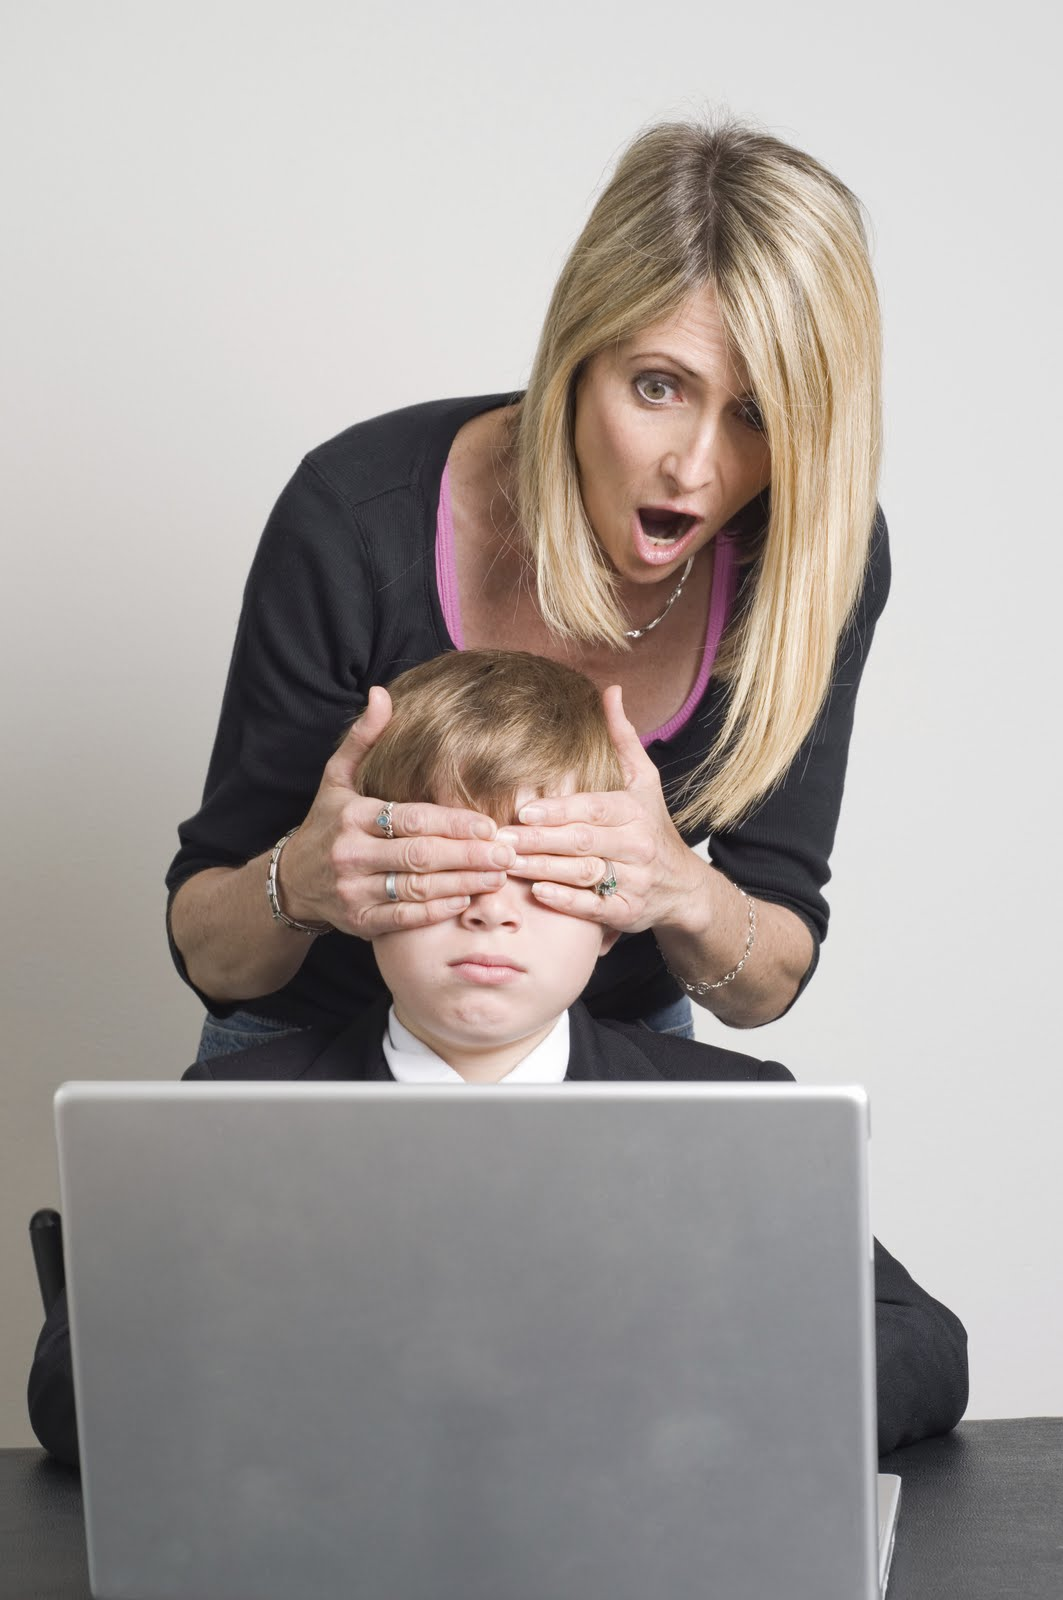 http://www.educaciontrespuntocero.com/familias-2/que-cosas-se-deben-evitar-para-que-los-ninos-esten-seguros-en-internet/17927.html